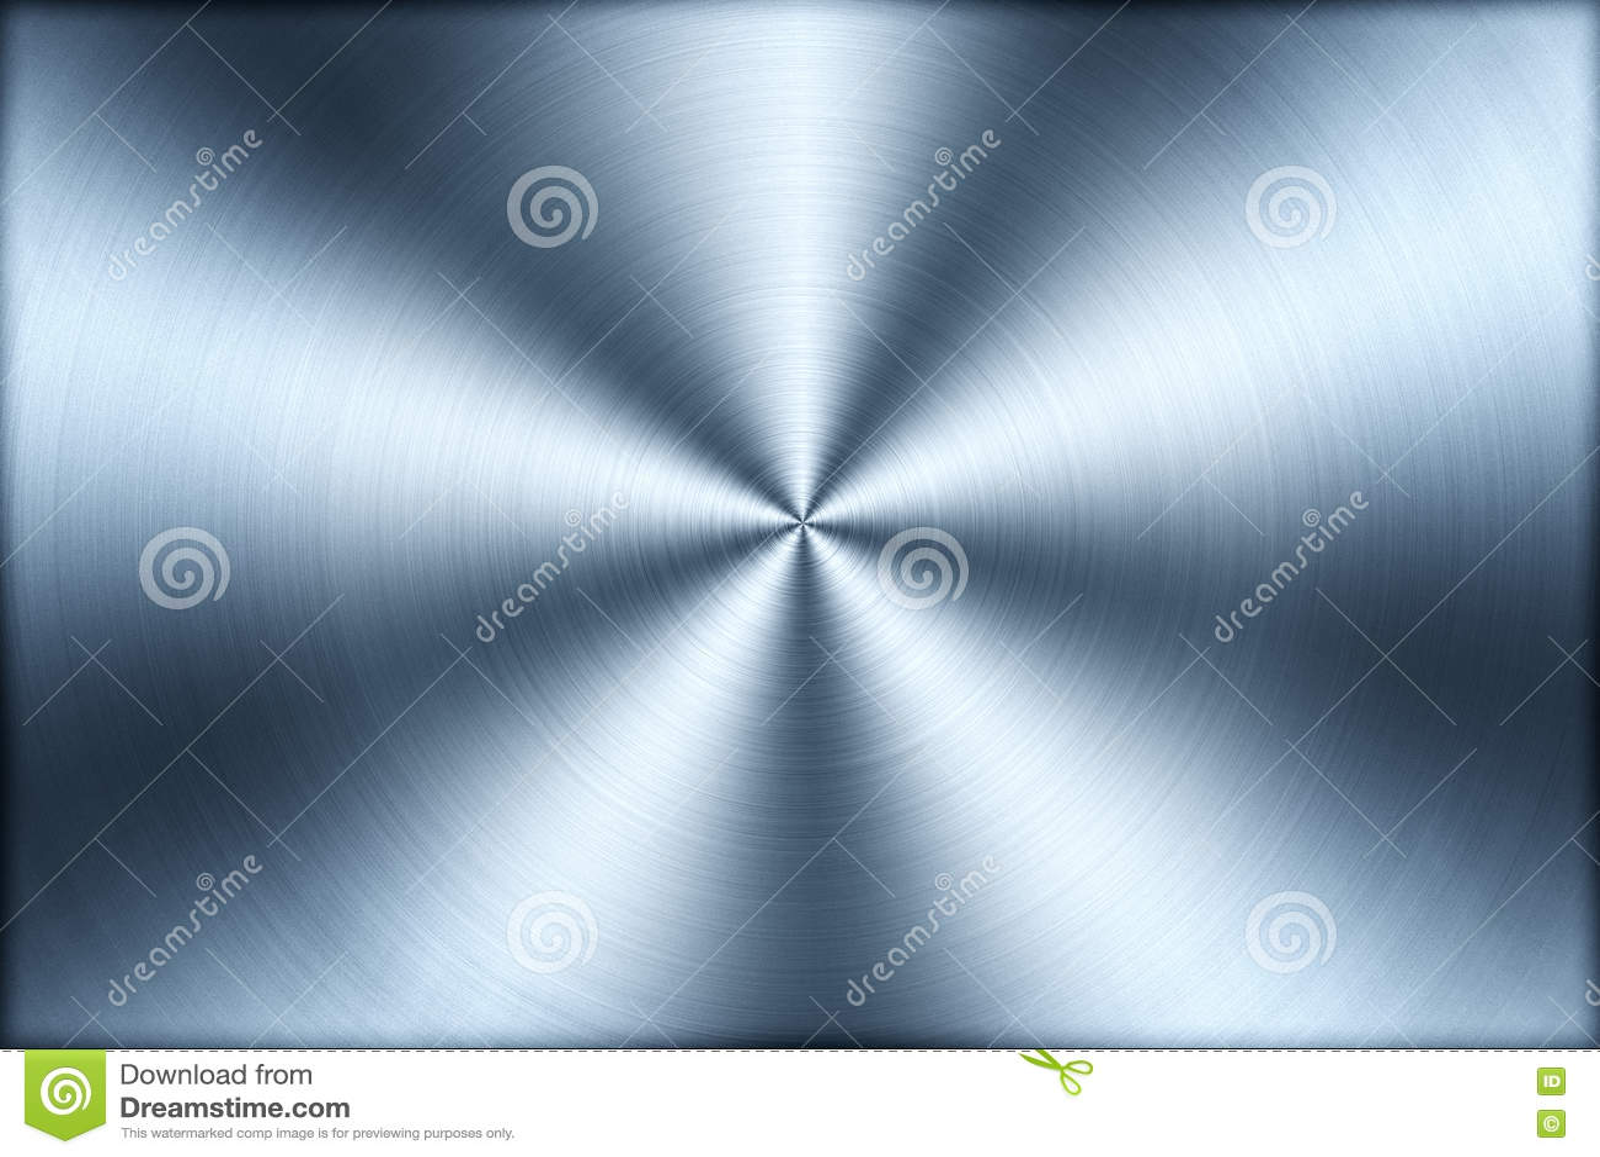 De cirkel geborstelde achtergrond van de metaaltextuur, illustratie